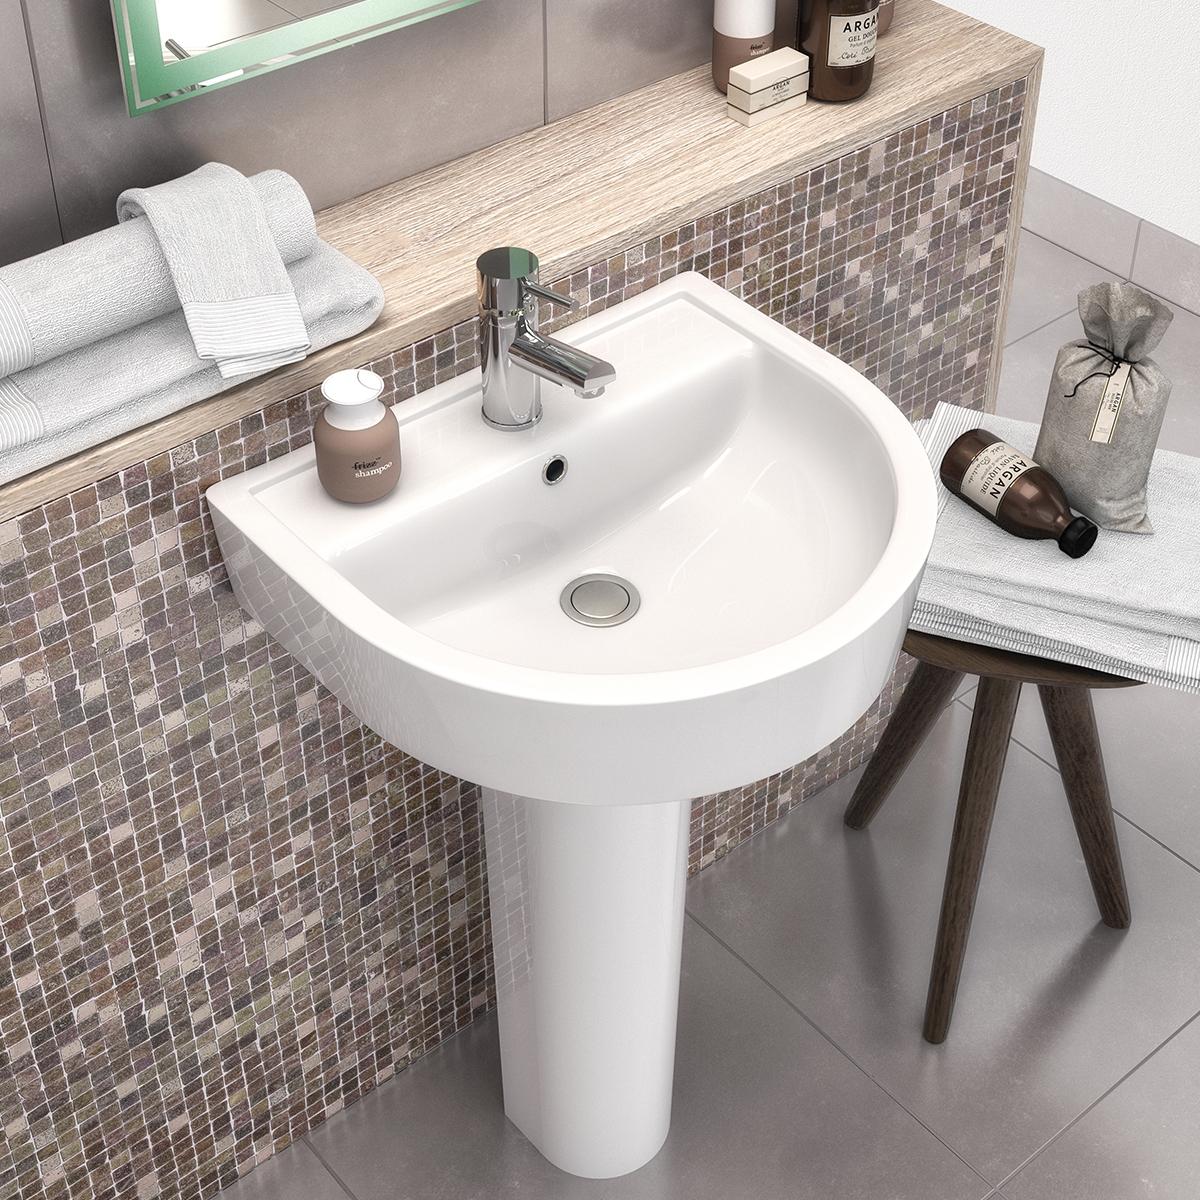 Premier Marlow Bathroom Suite Close Coupled Toilet 1 Tap Hole Basin-2